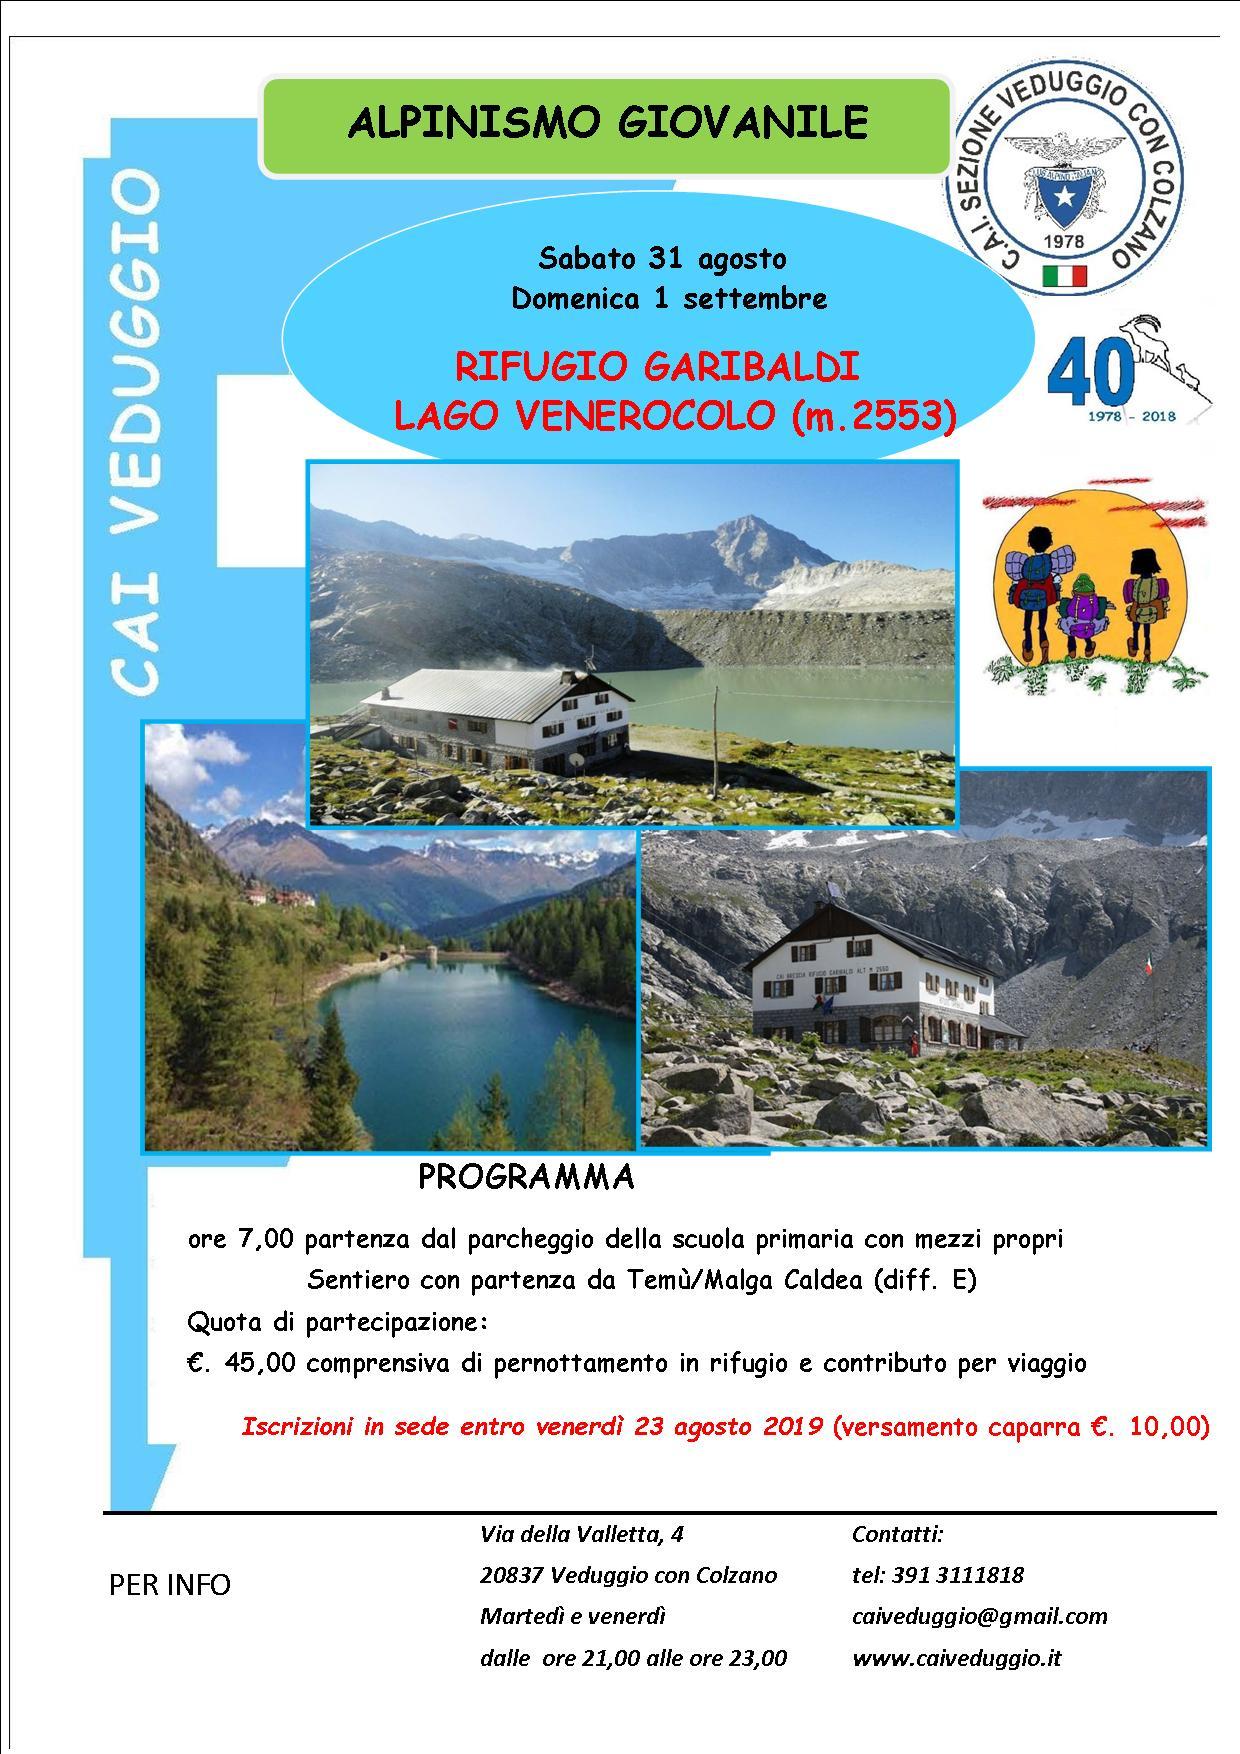 Sabato 31 agosto – Domenica 1 settembre 2019 – Alpinismo Giovanile – Rifugio Garibaldi/Lago Venerocolo (m.2553)